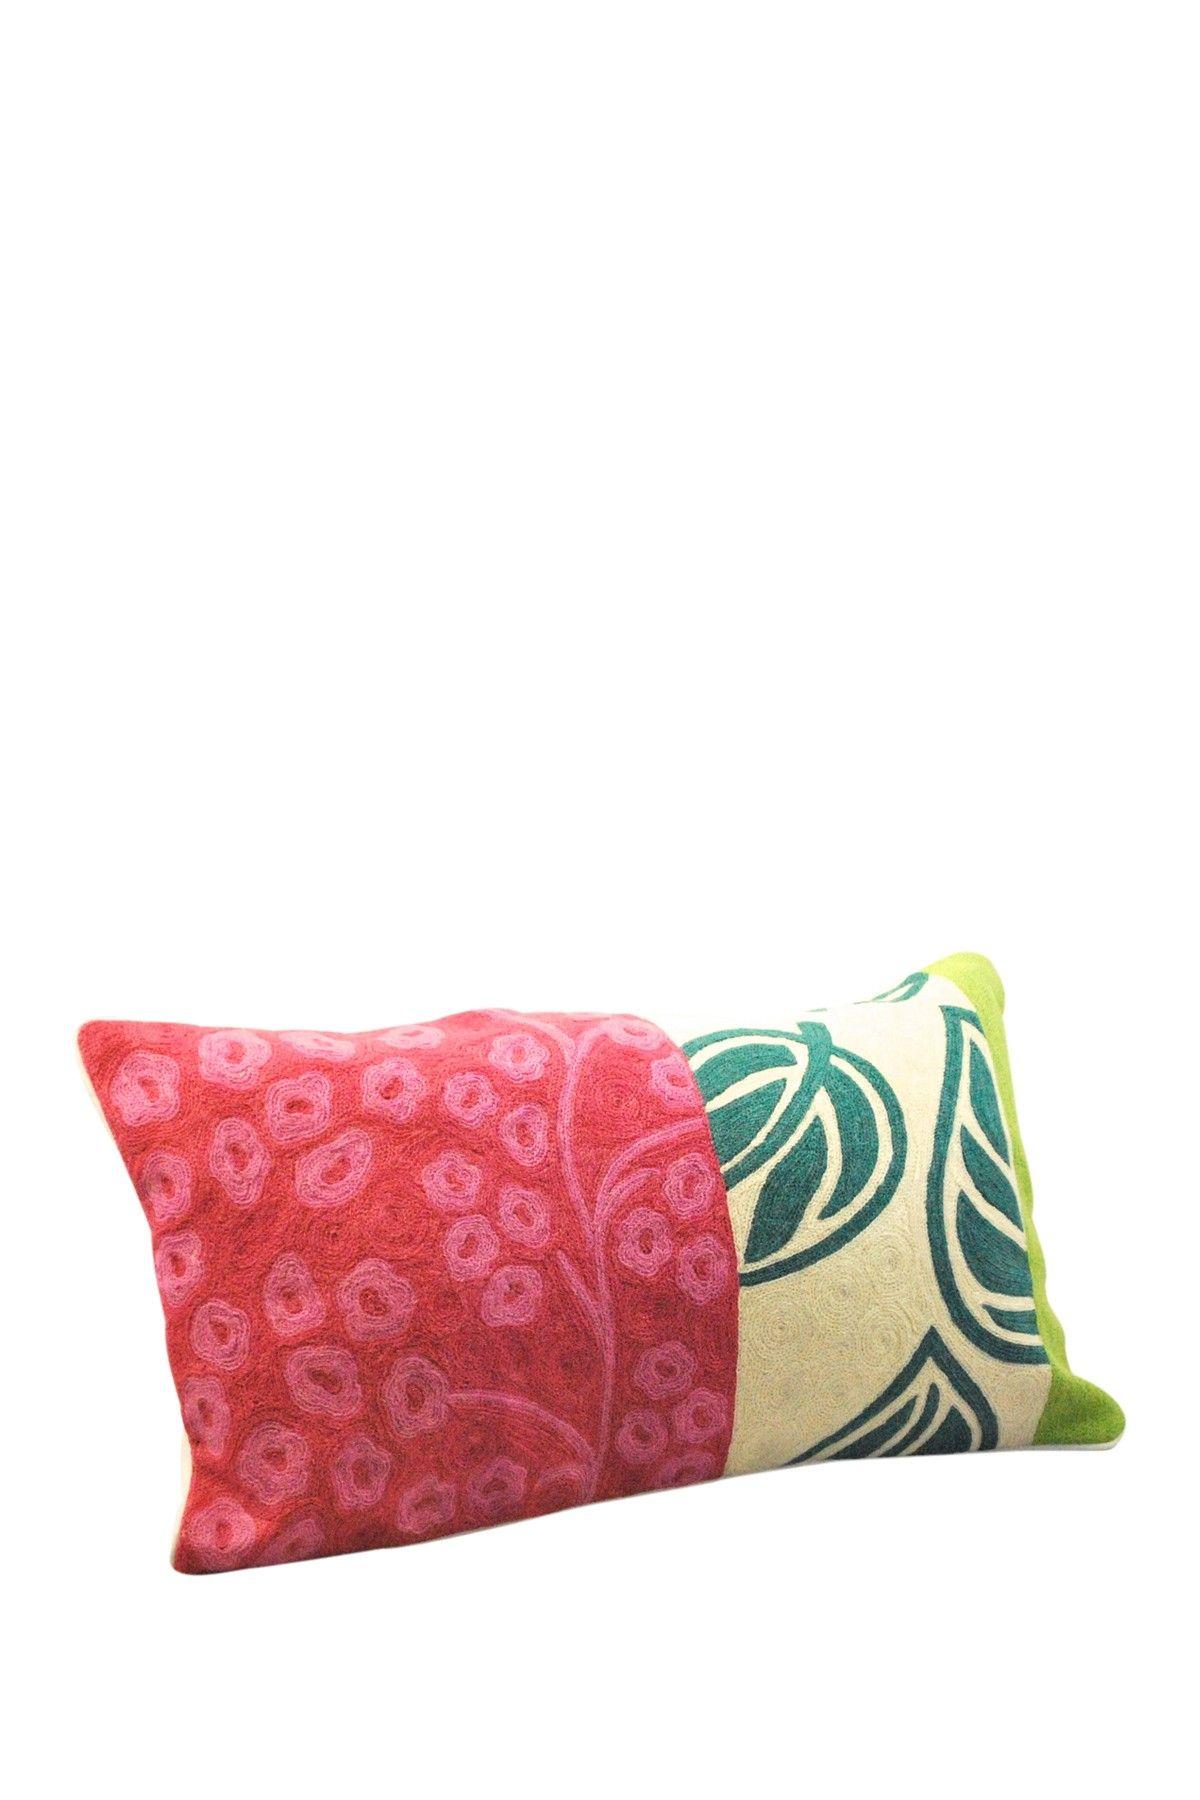 Crewel work lumbar pillow with leaf design pillow pinterest